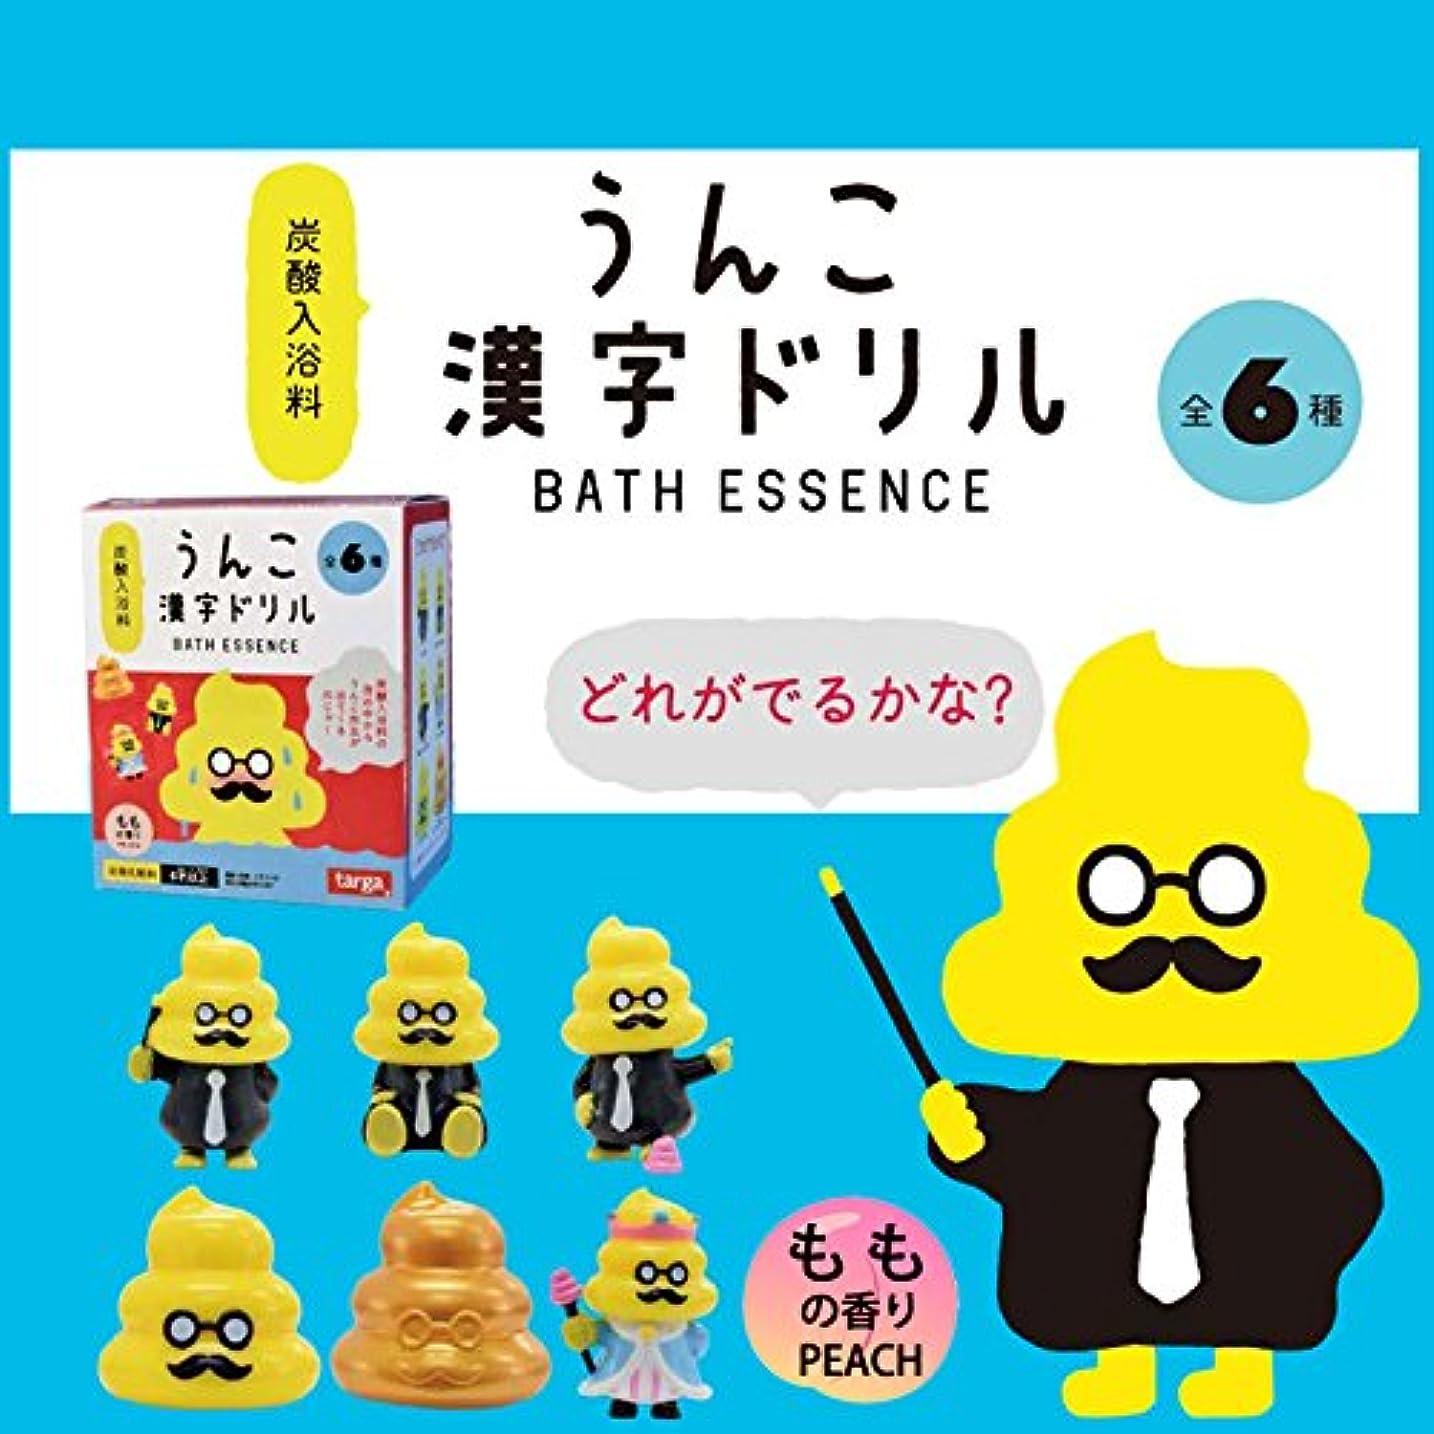 露出度の高い払い戻し金属うんこ漢字ドリル 炭酸入浴料 6個1セット 入浴剤